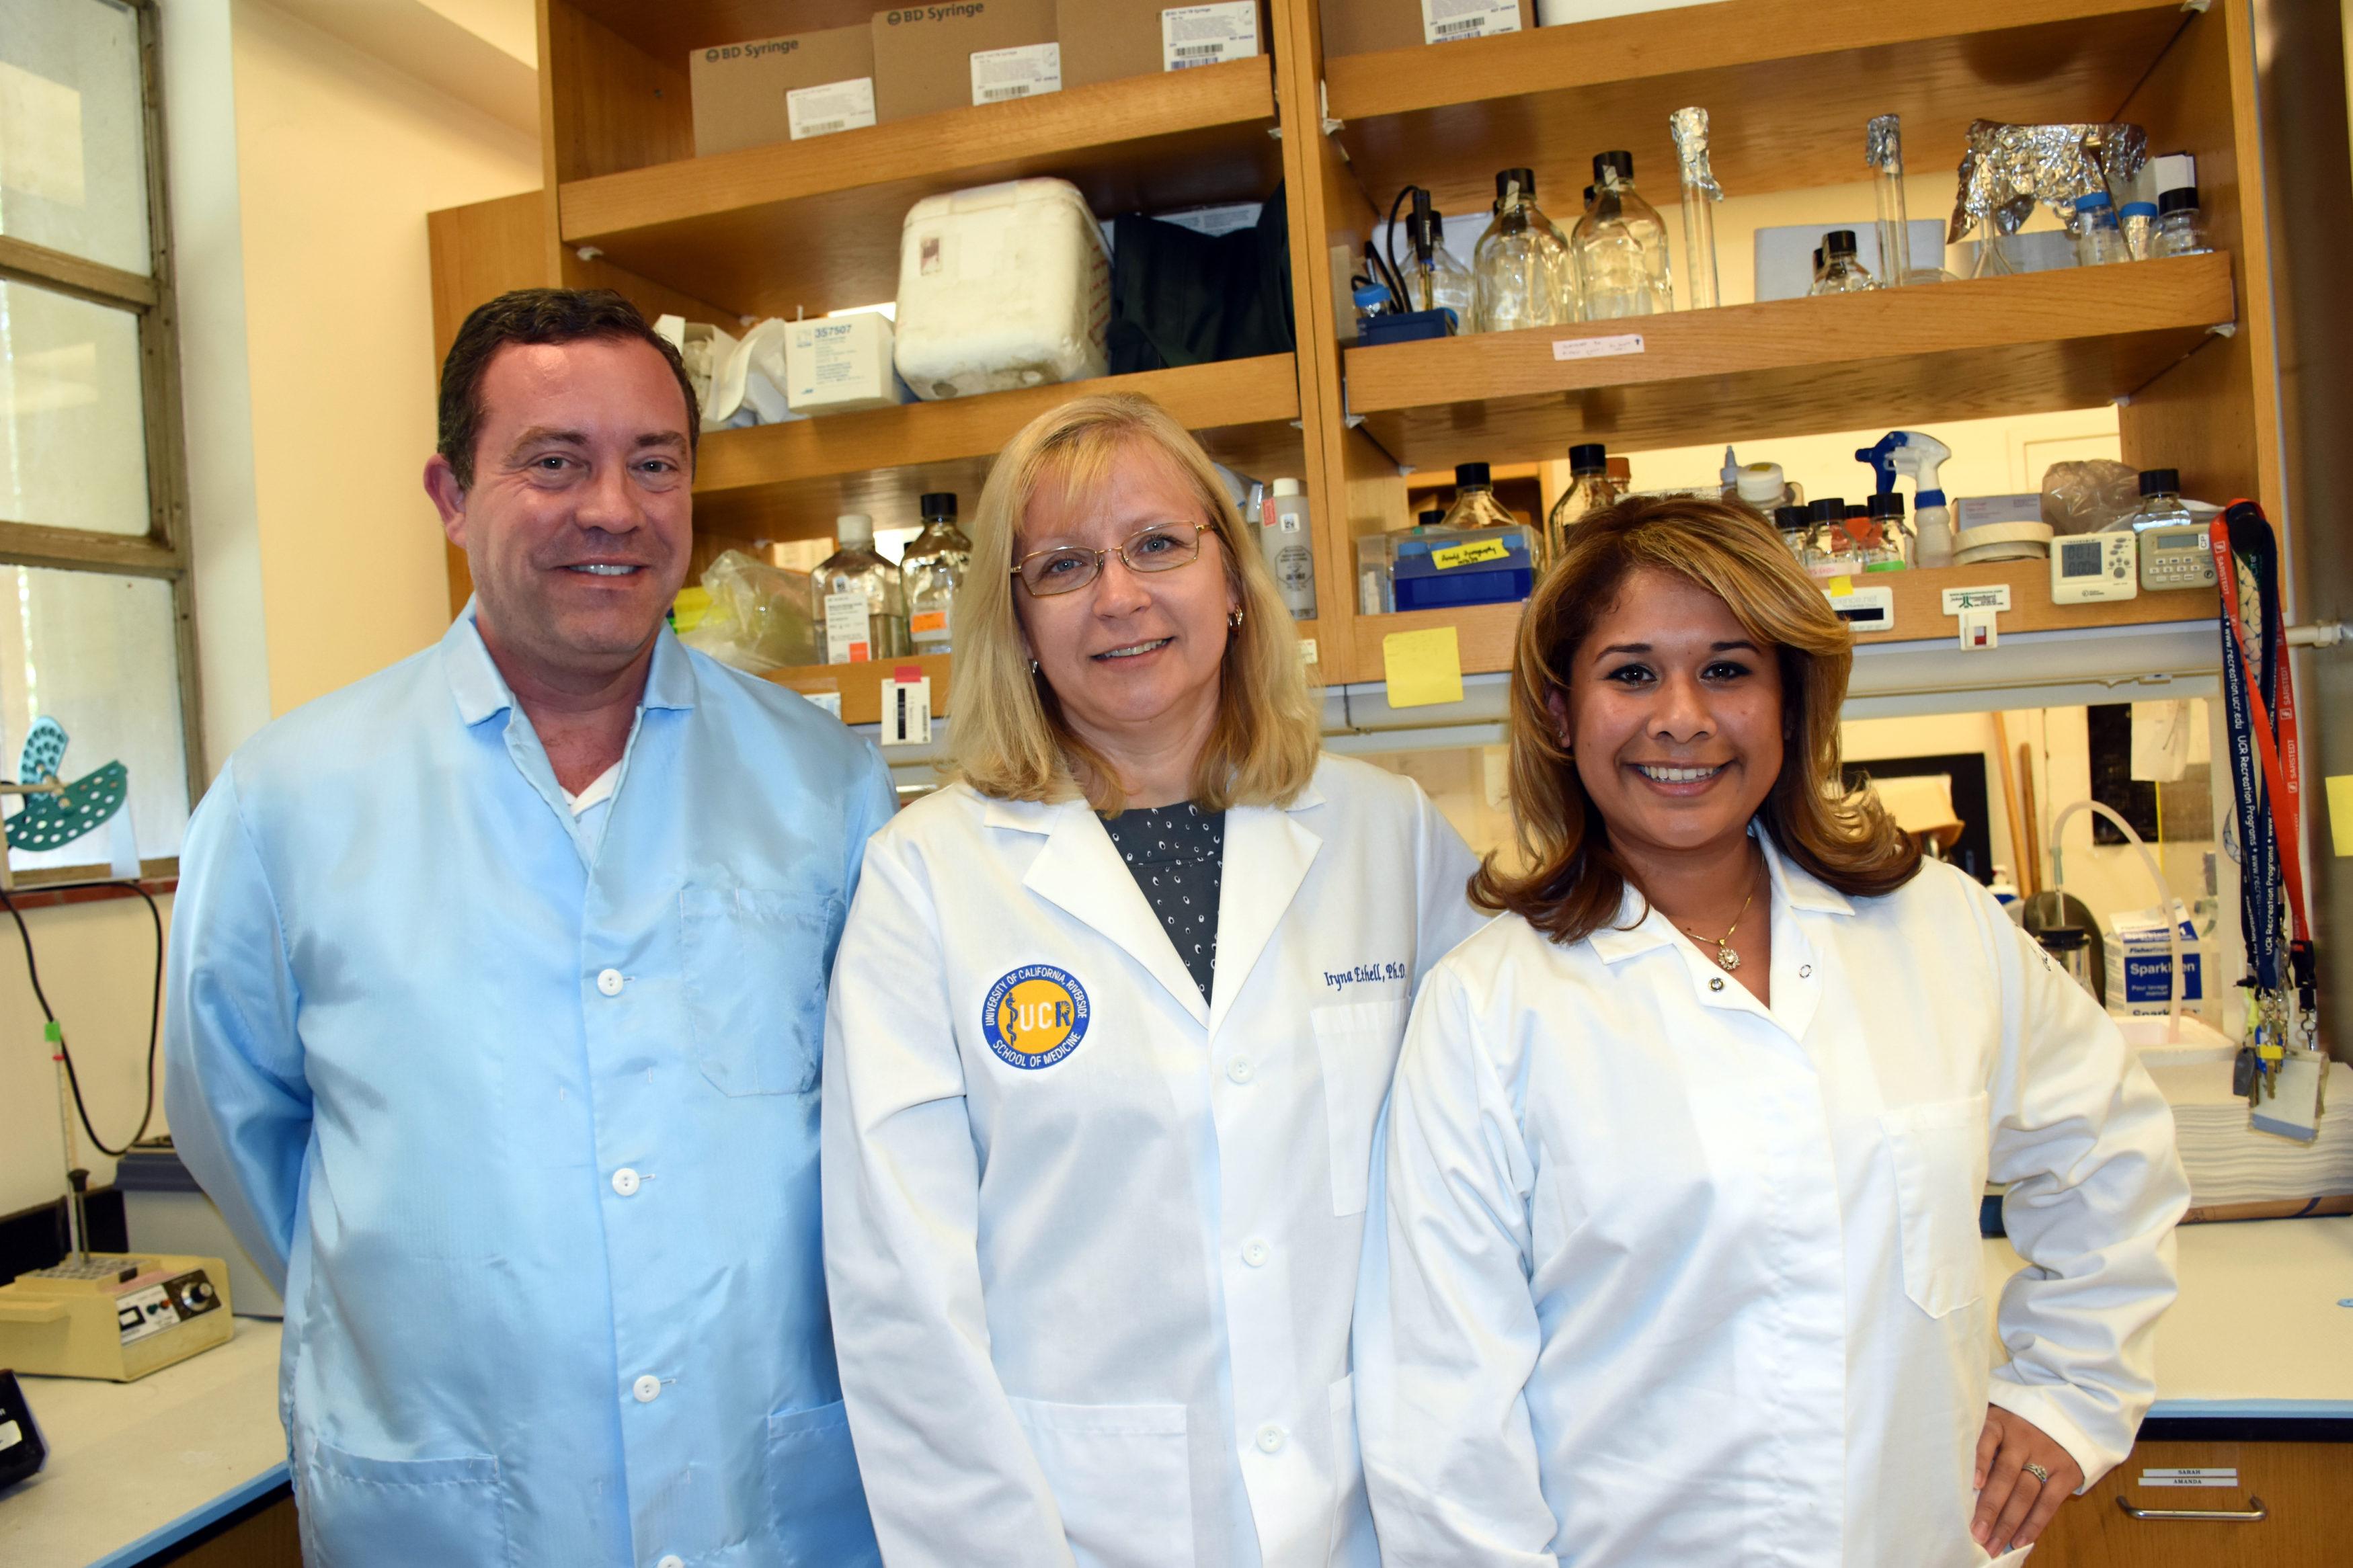 Devon Binder, PhD; Iryna Ethell, PhD, Patricia Pirbhoy, PhD, at UC Riverside School of Medicine